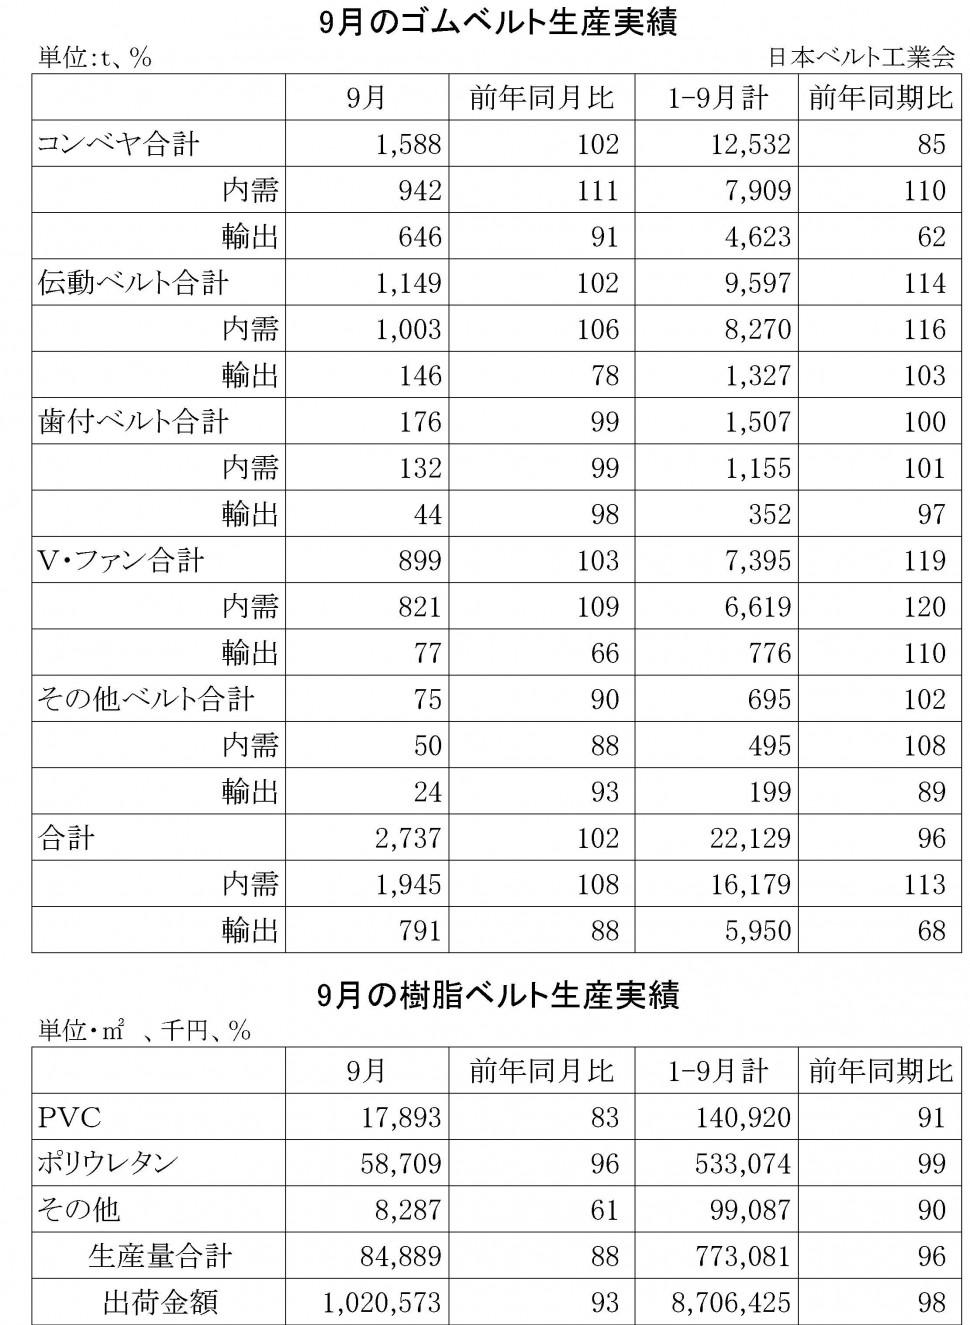 2014年9月のゴムベルト生産実績